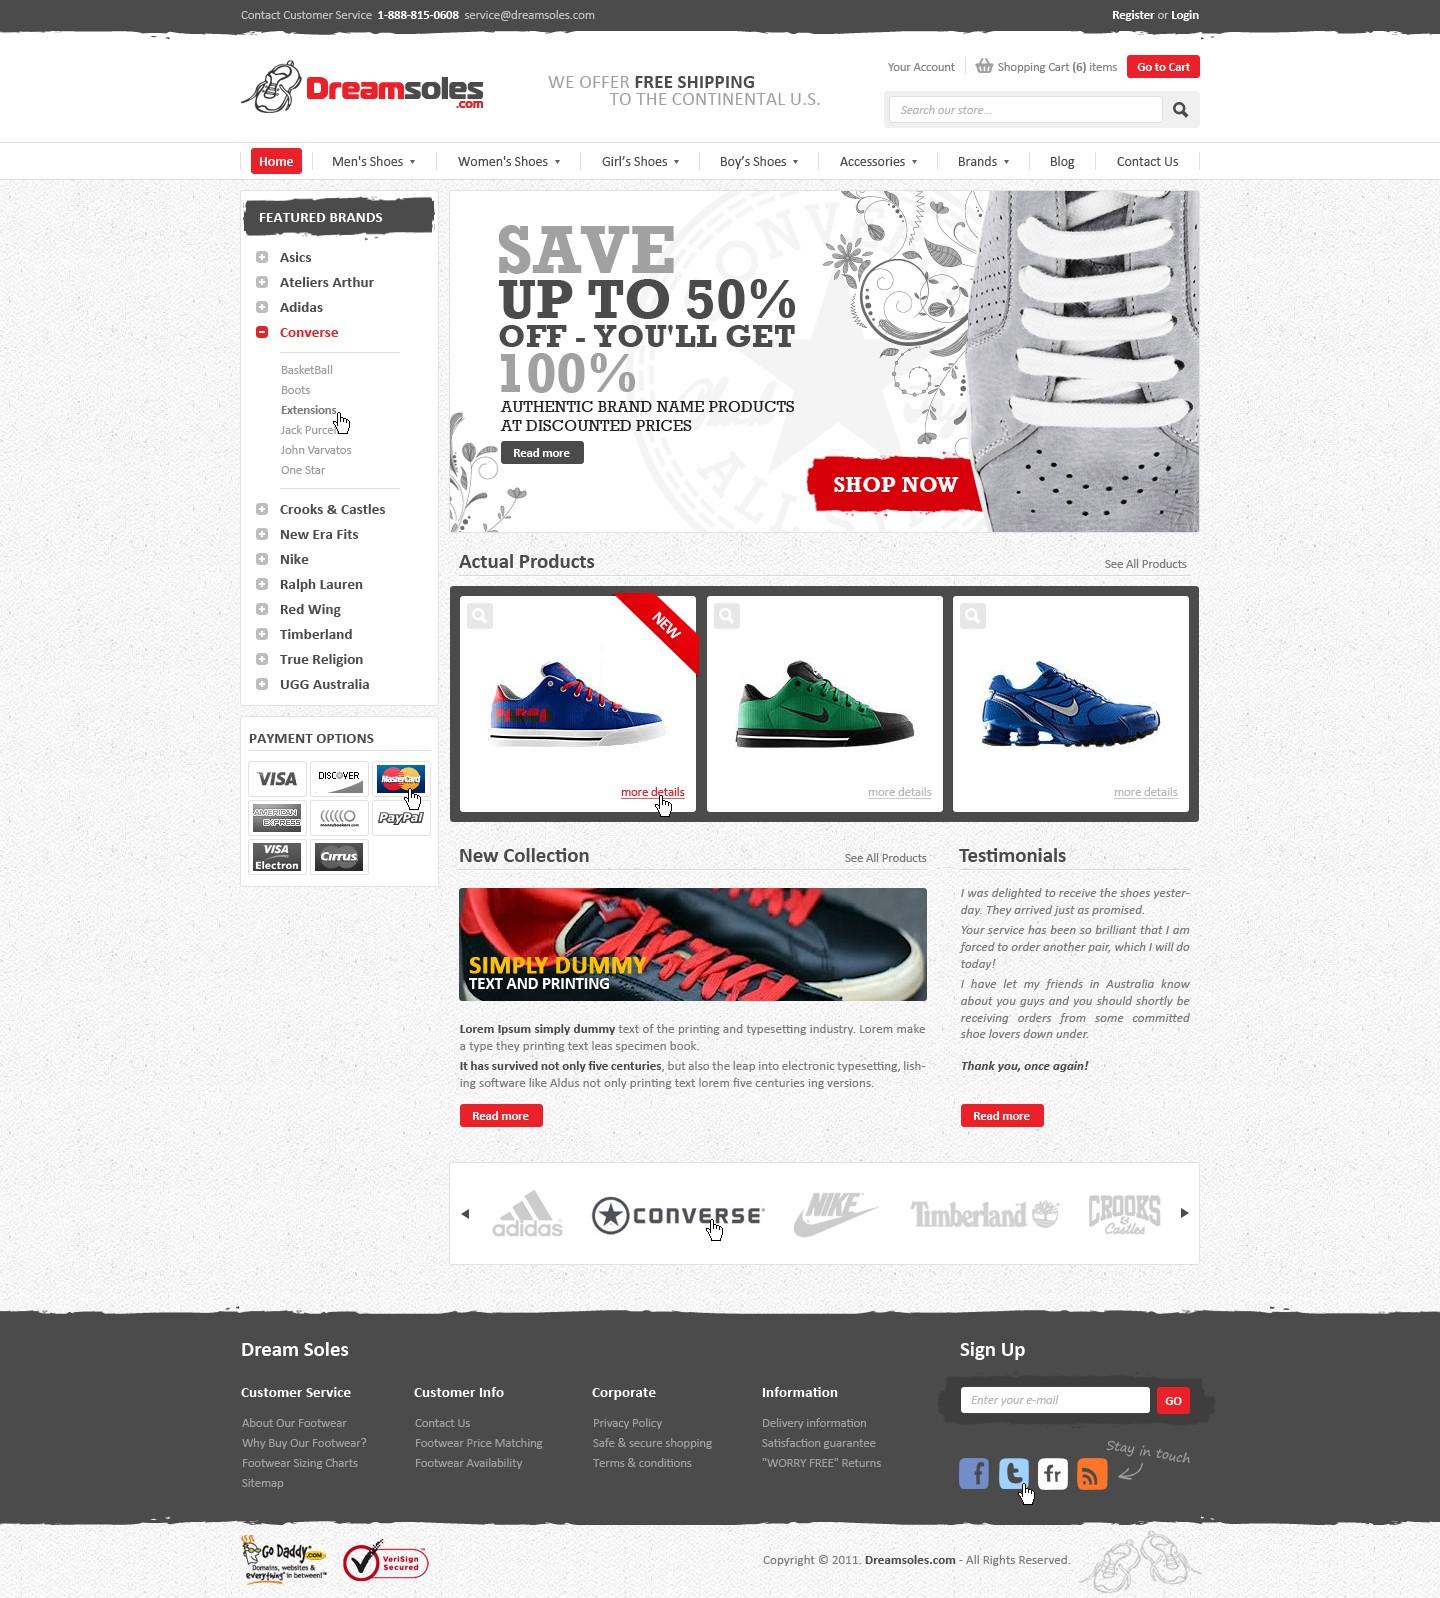 Help Dreamsoles.com LLC with a new website design